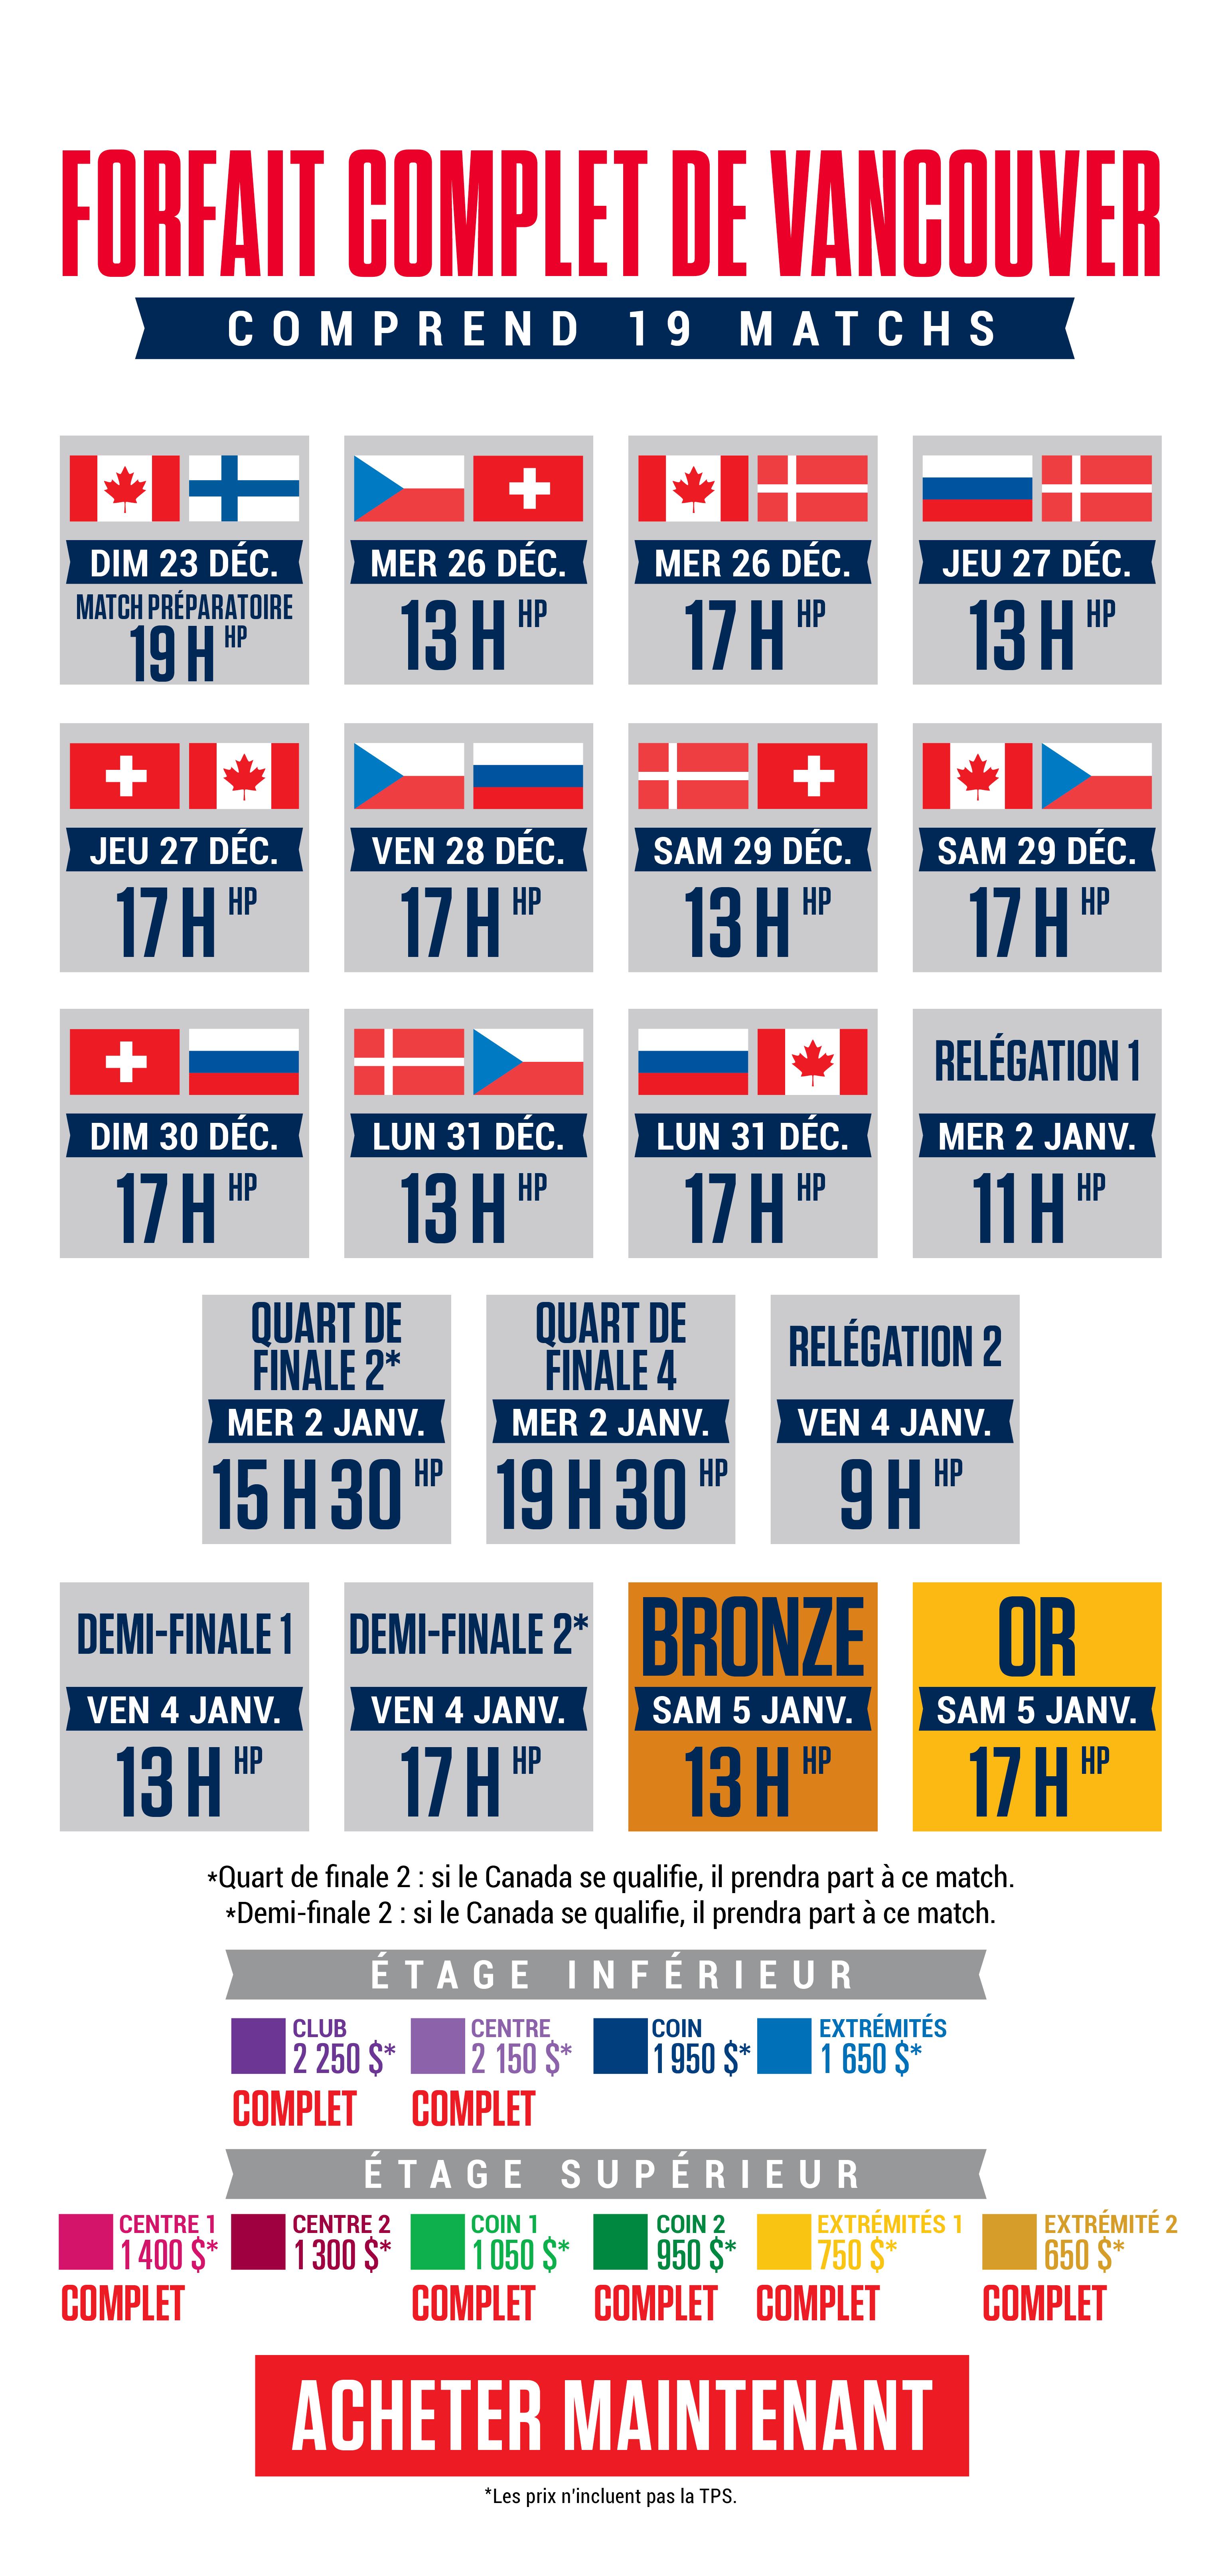 Championnat mondial junior - Vancouver - Forfait complet